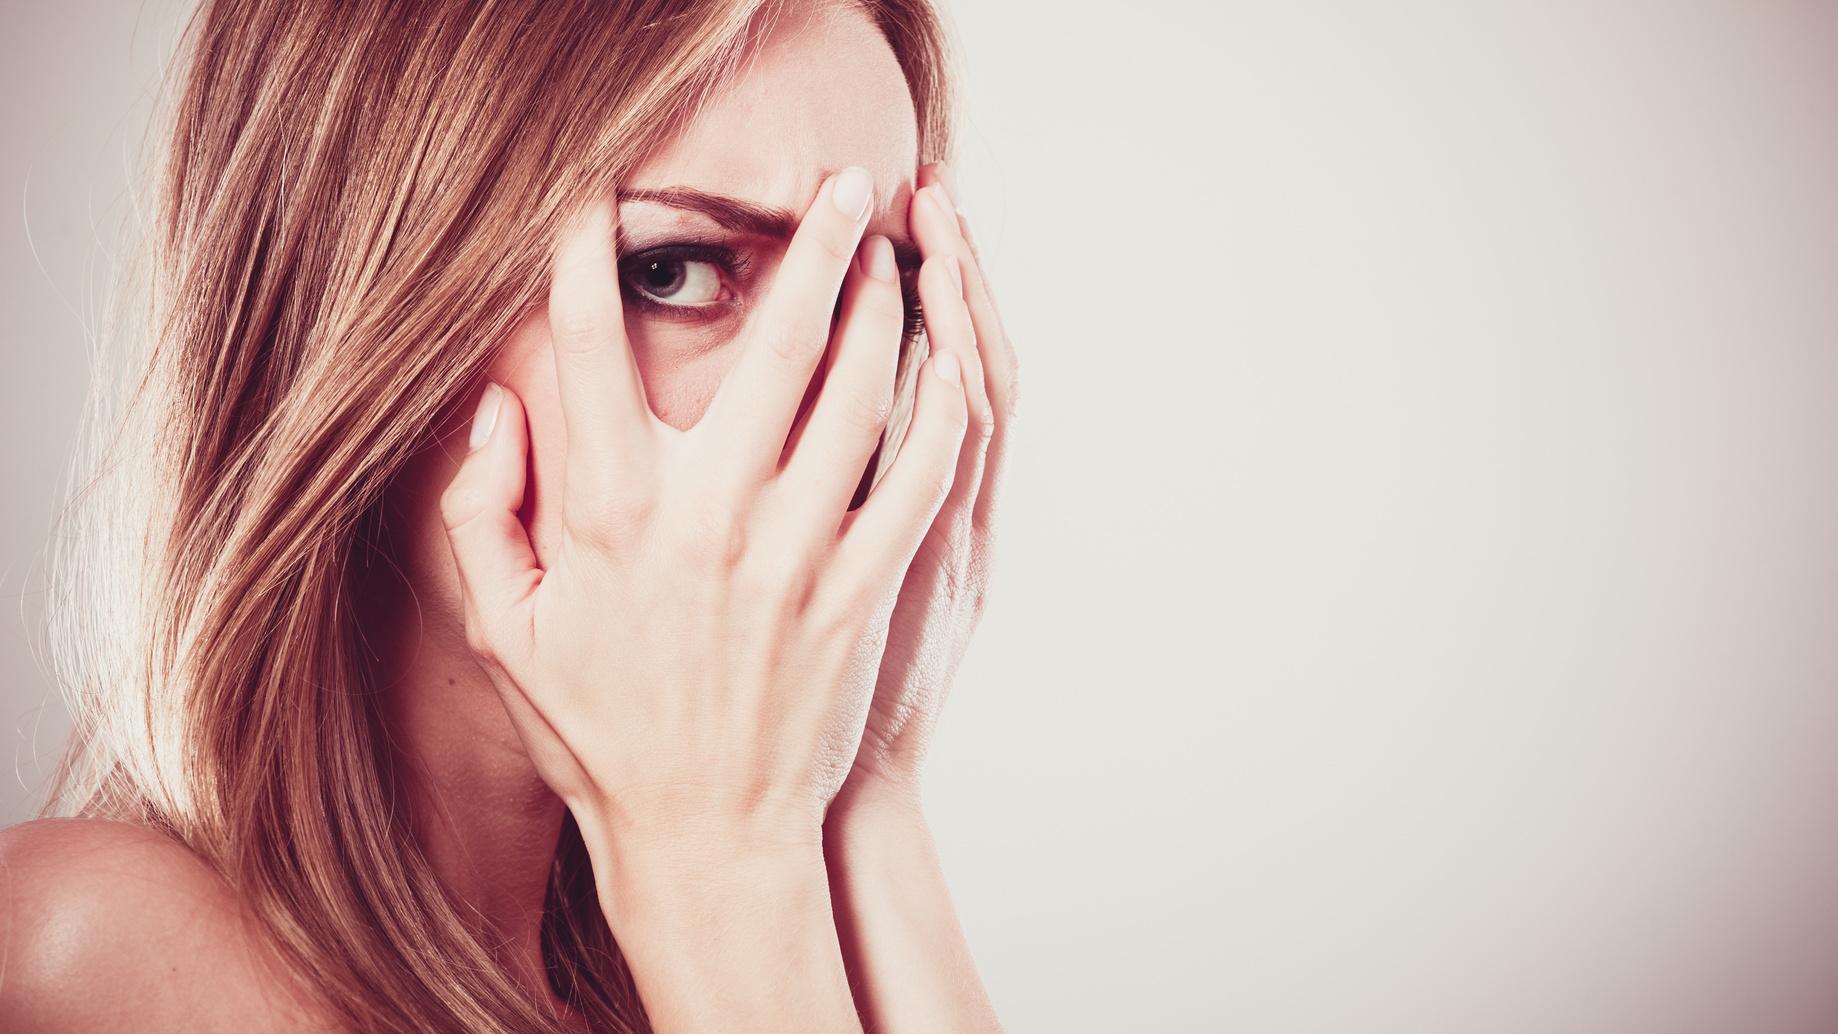 Wstyd przyznać się do wstydu. Co kryje się za wstydem?